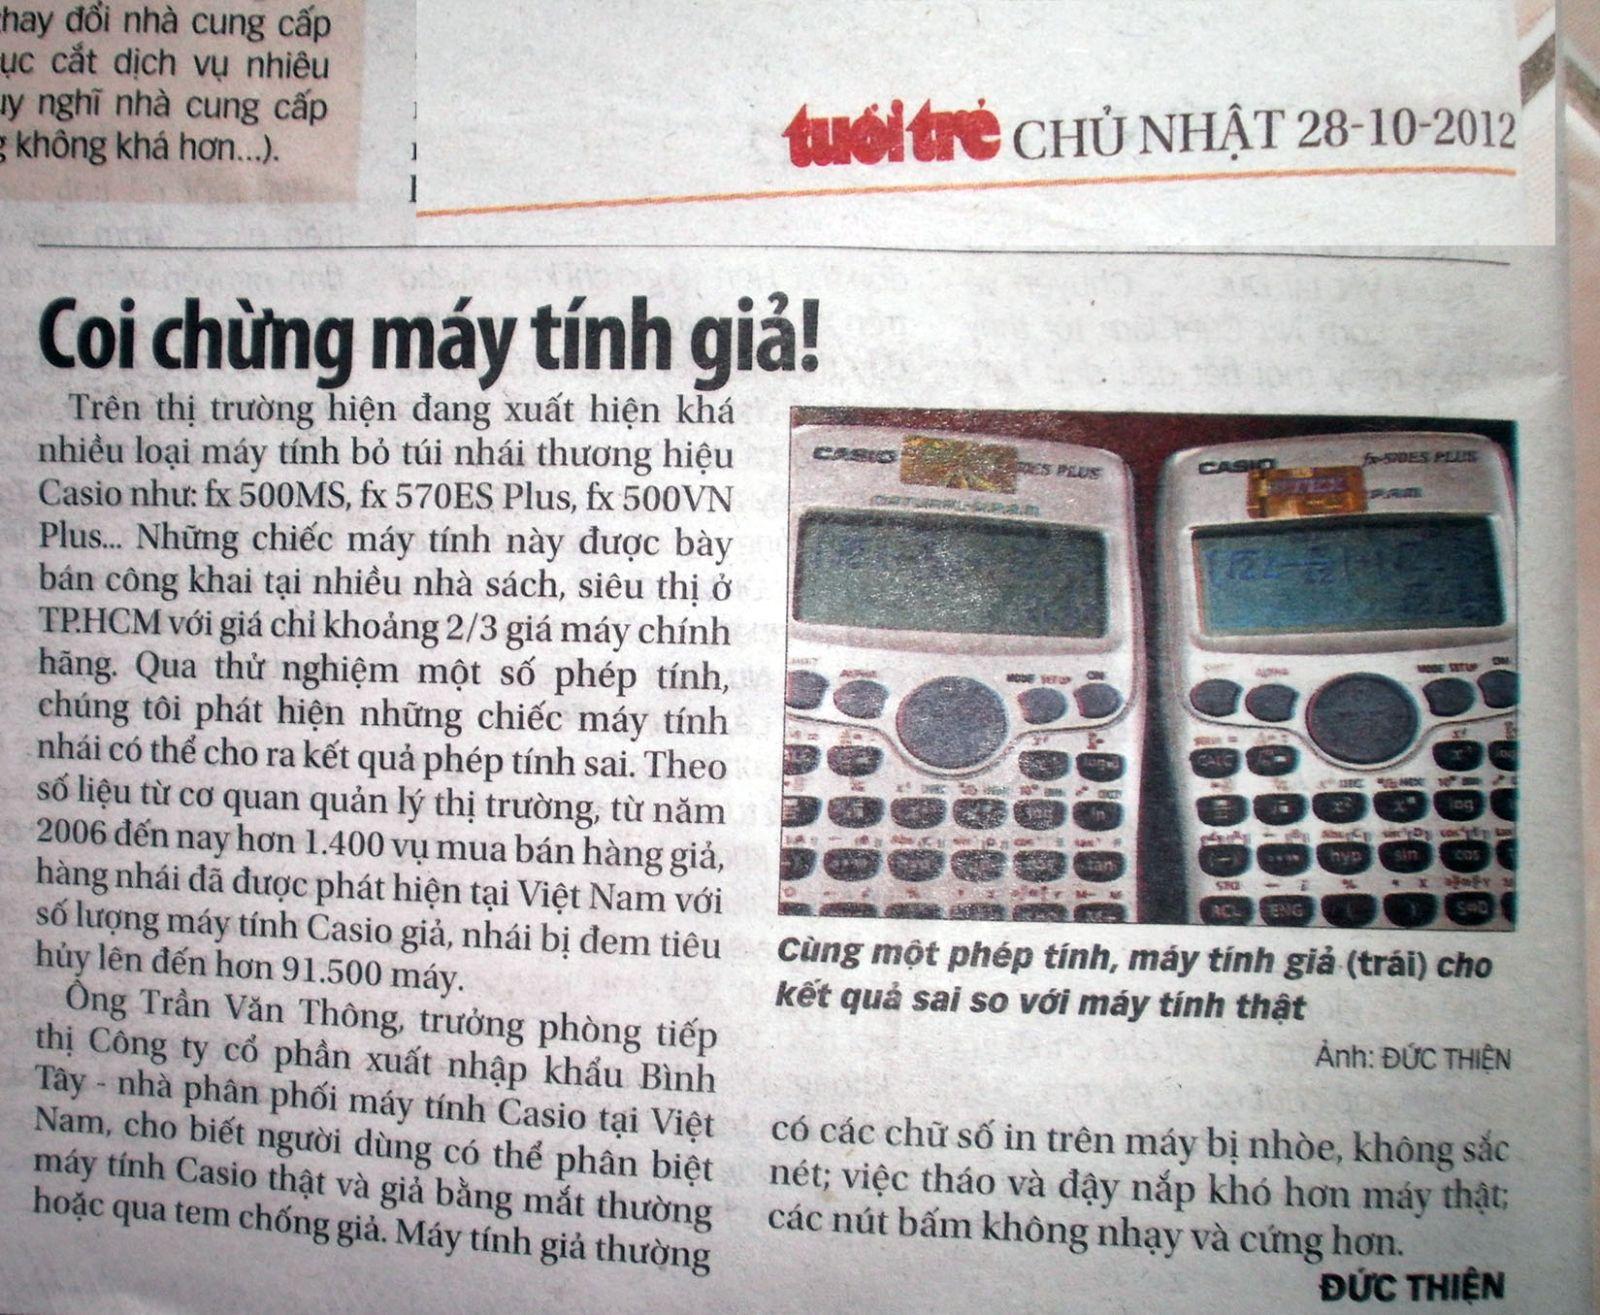 bài cảnh báo máy tính giả đăng trên báo Tuổi Trẻ ngày 28-10-2012